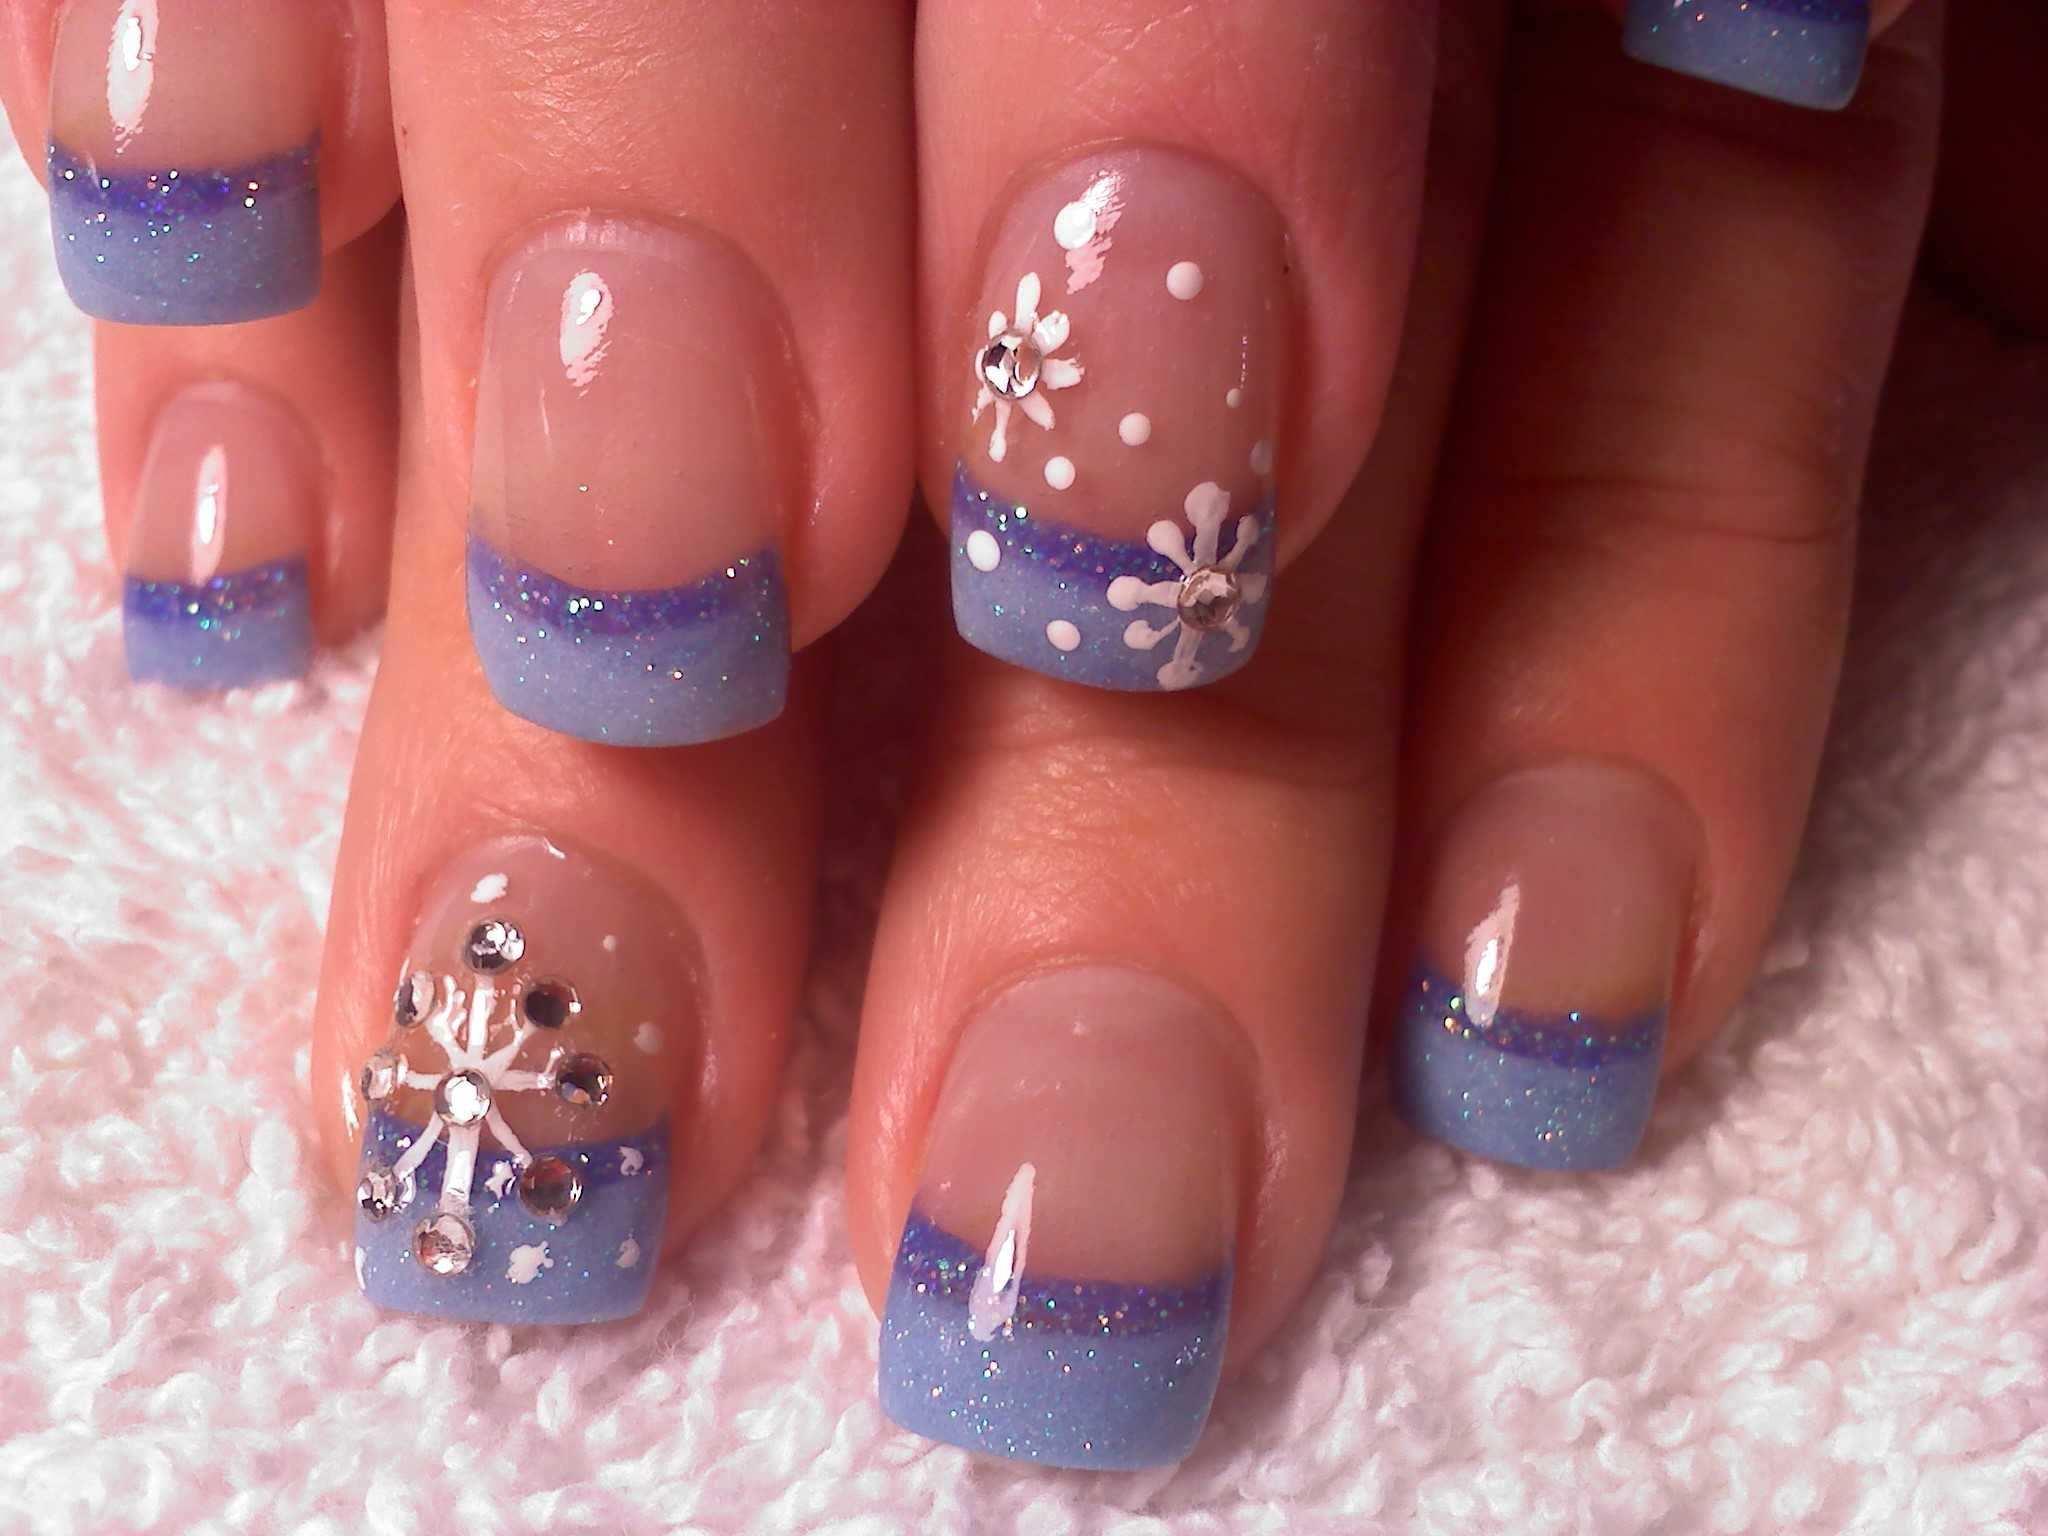 10 Cool Nail Arts For Christmas Snow Nails Christmas Nails Snowflake Nails